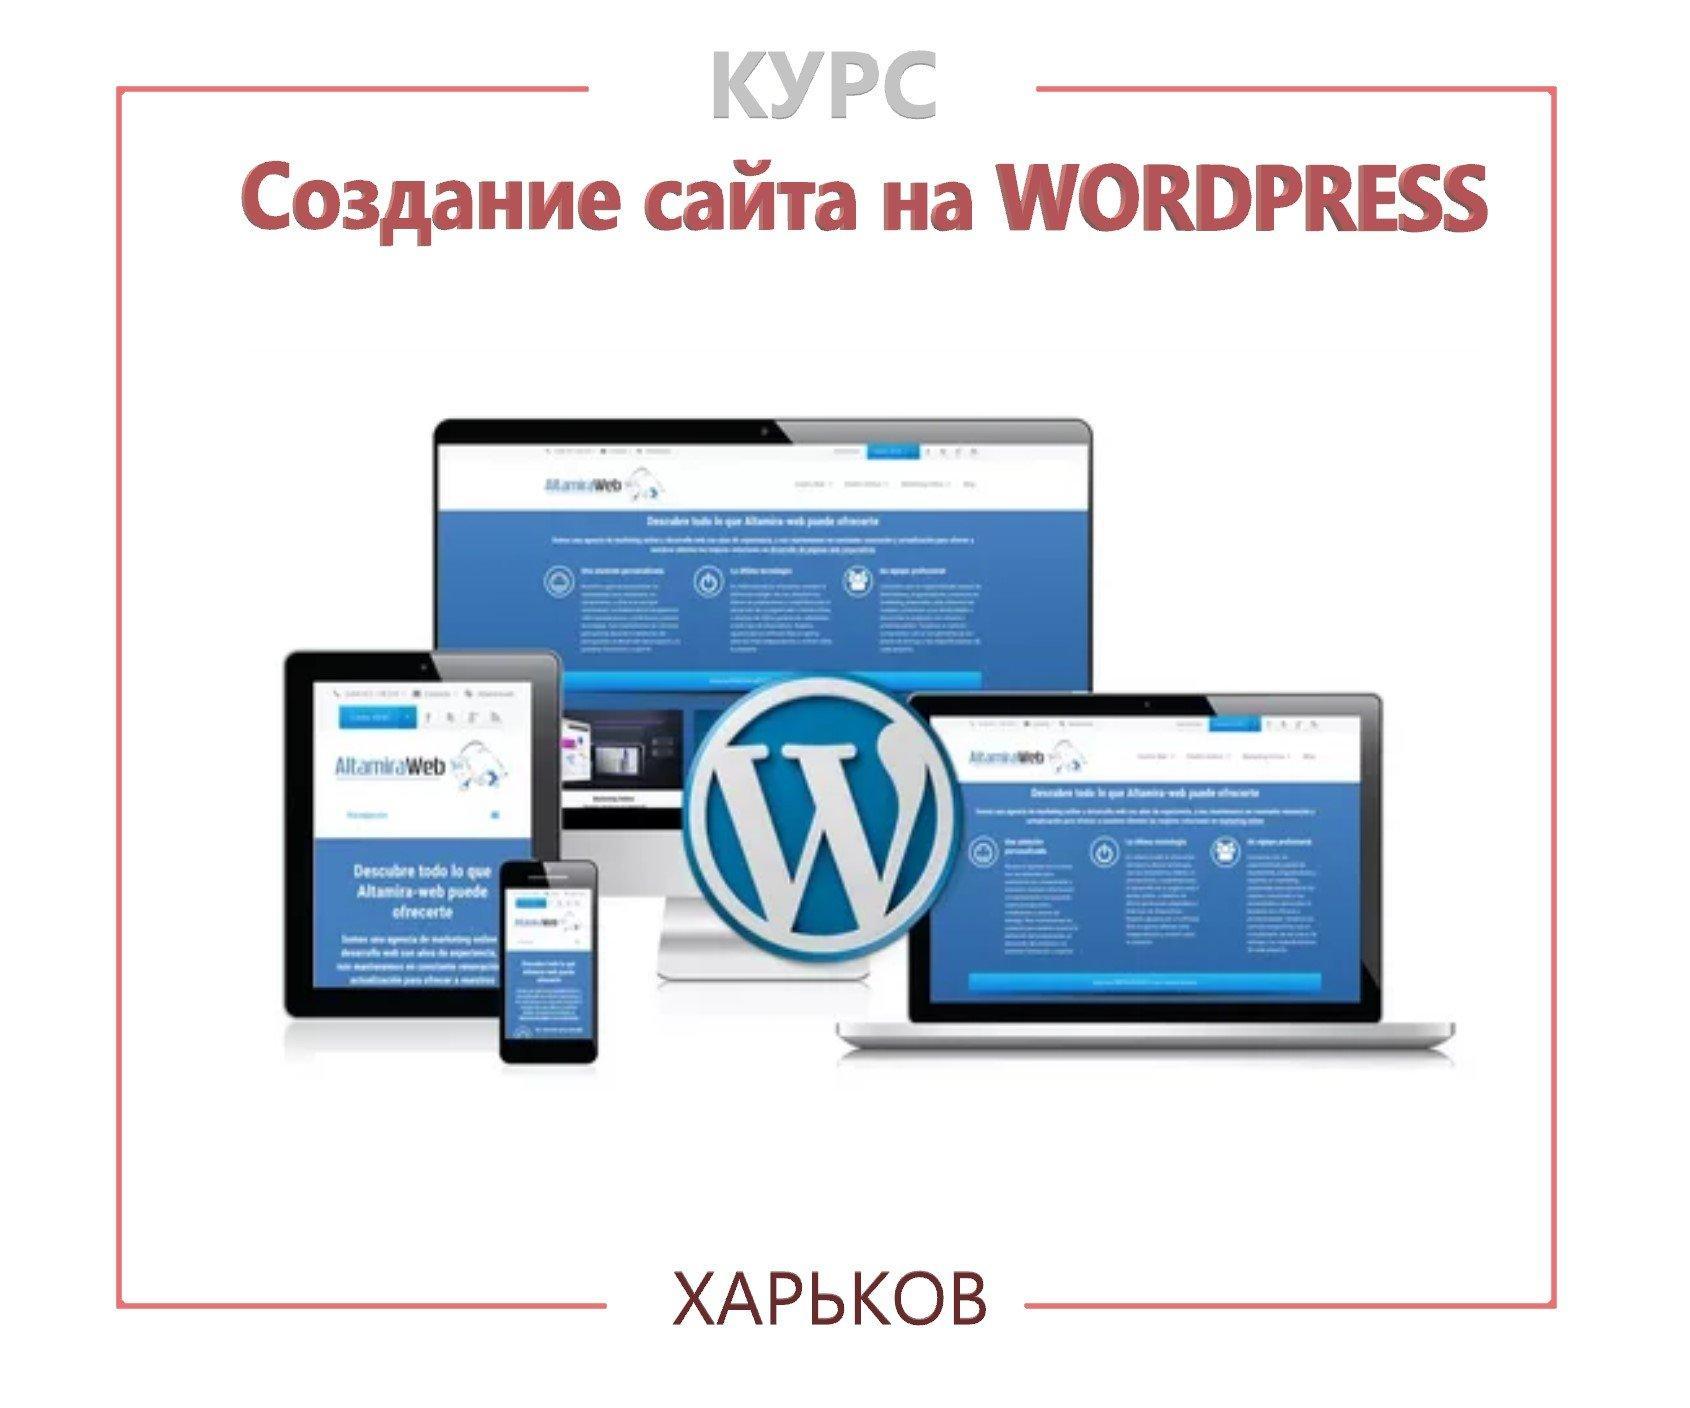 Курсы создания сайтов харьков башкирская информационная компания сайт